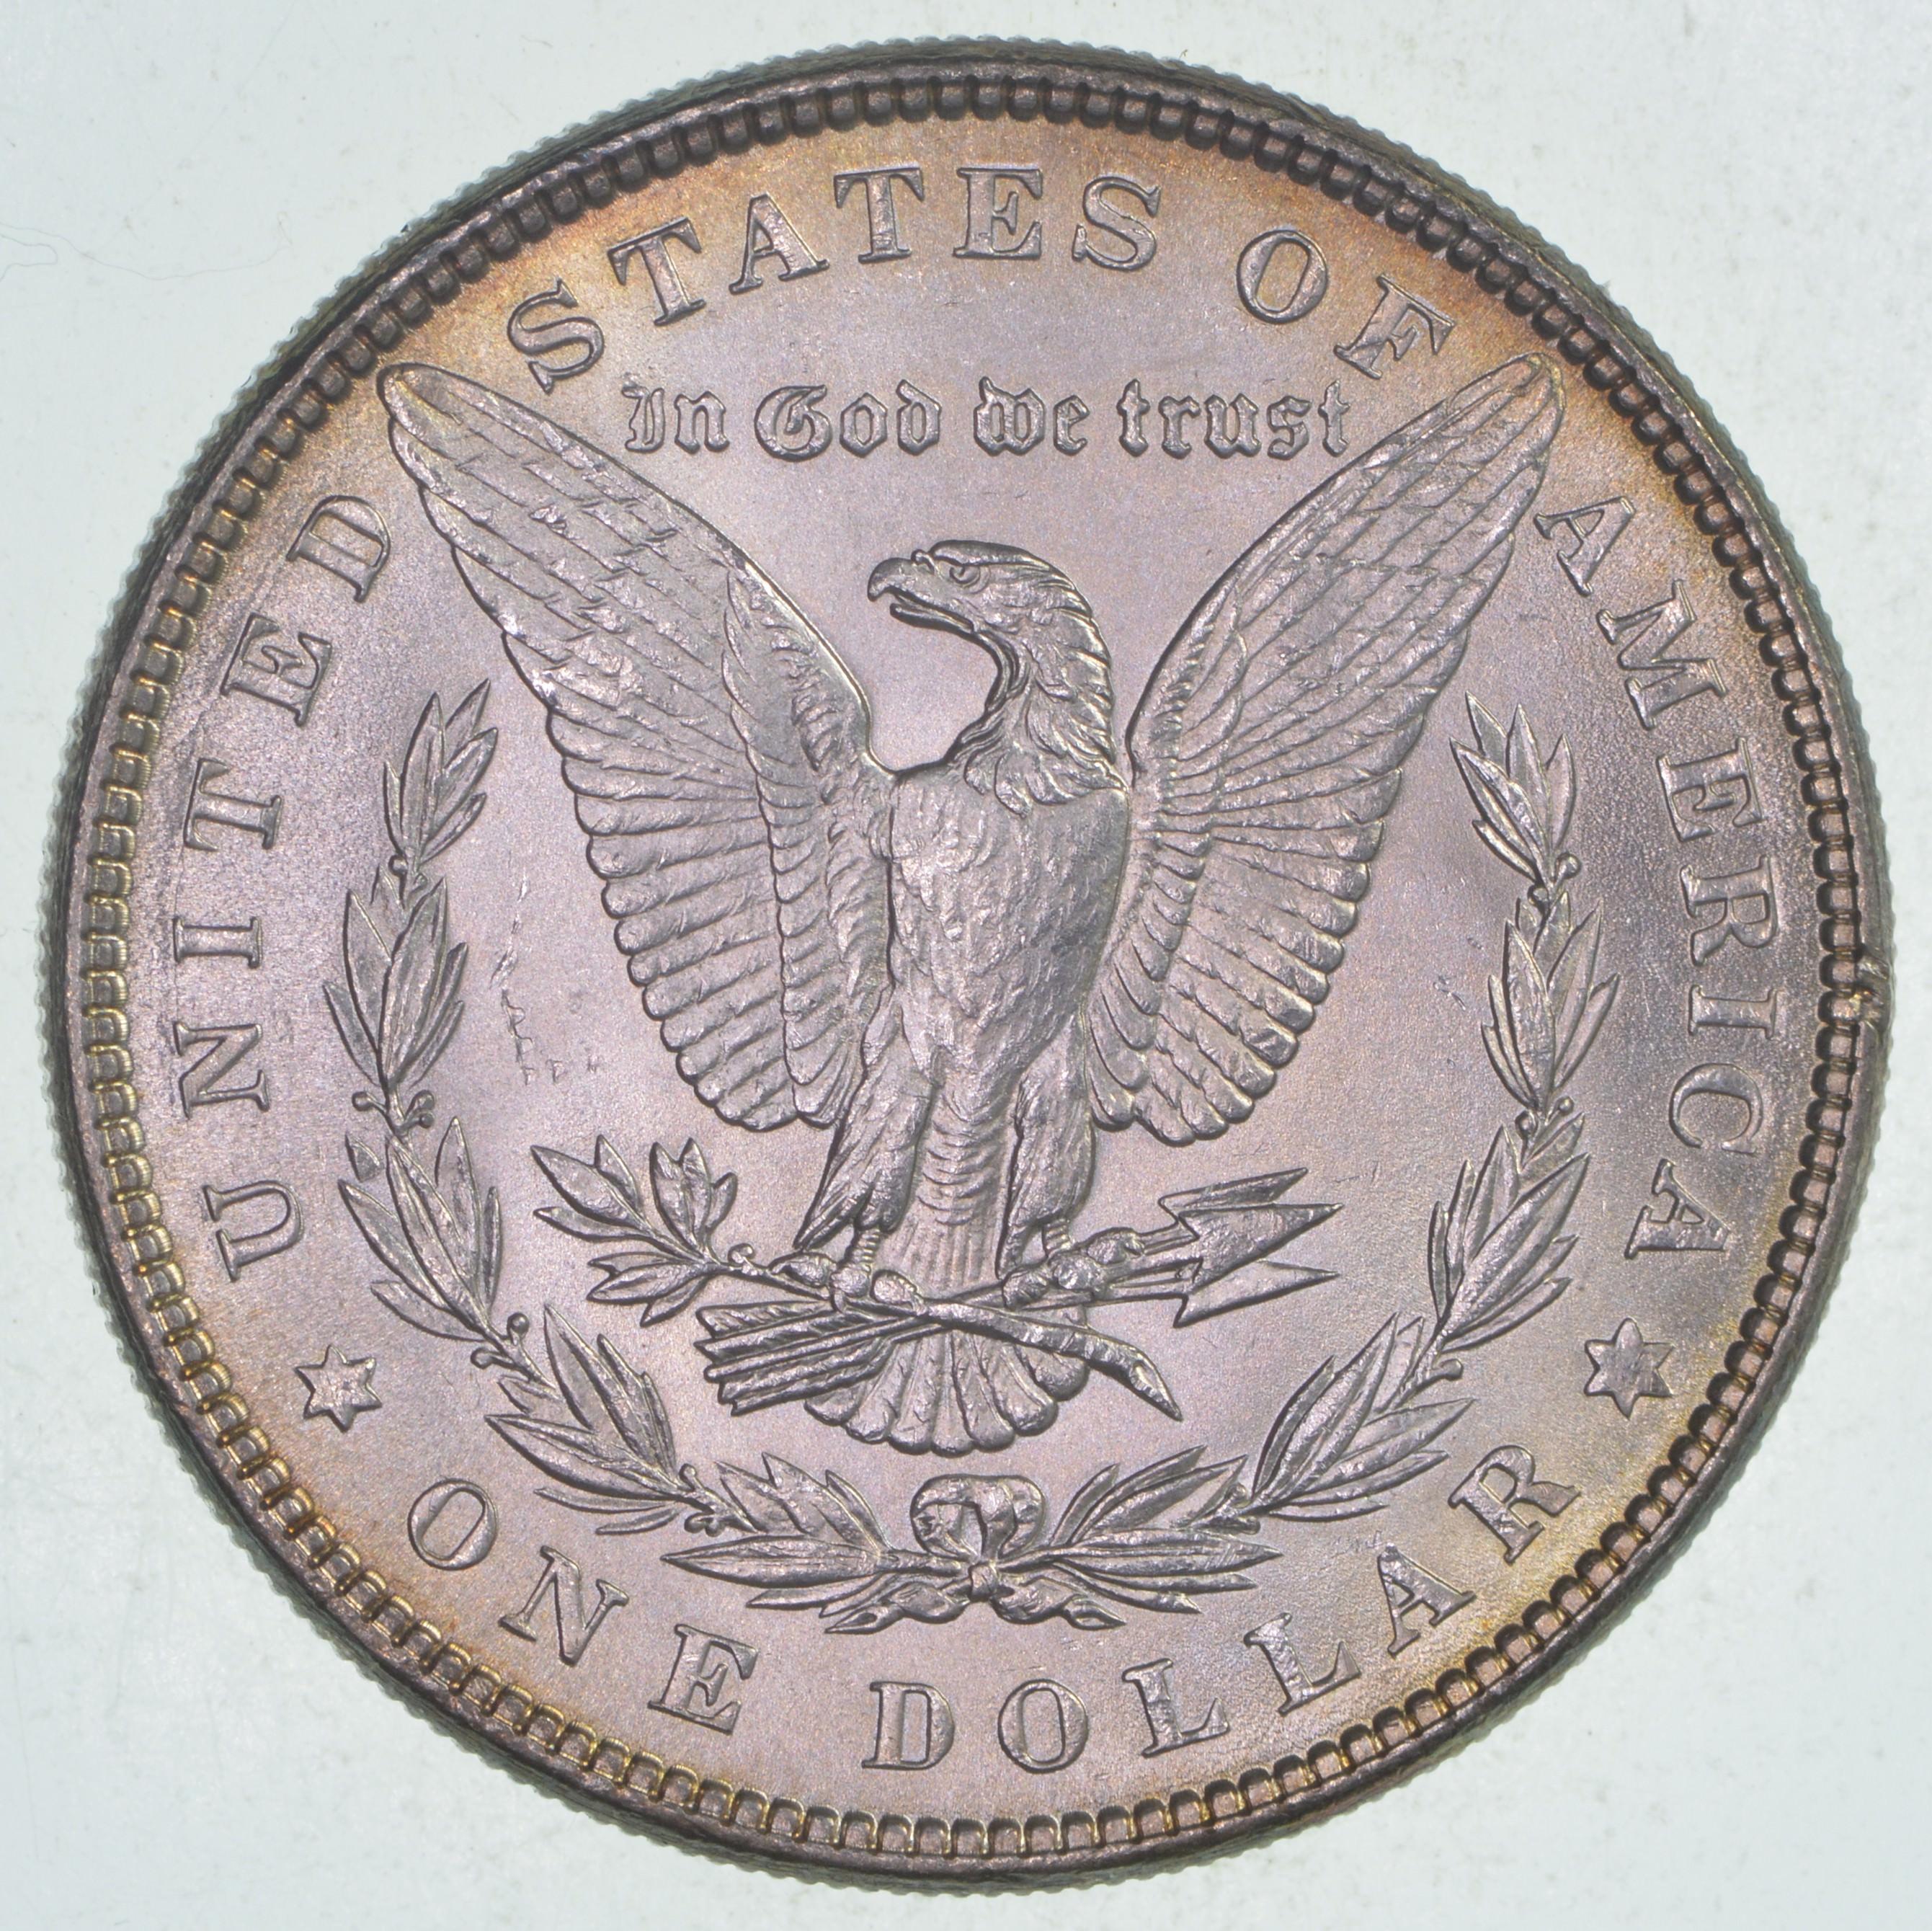 1885 silver dollar o